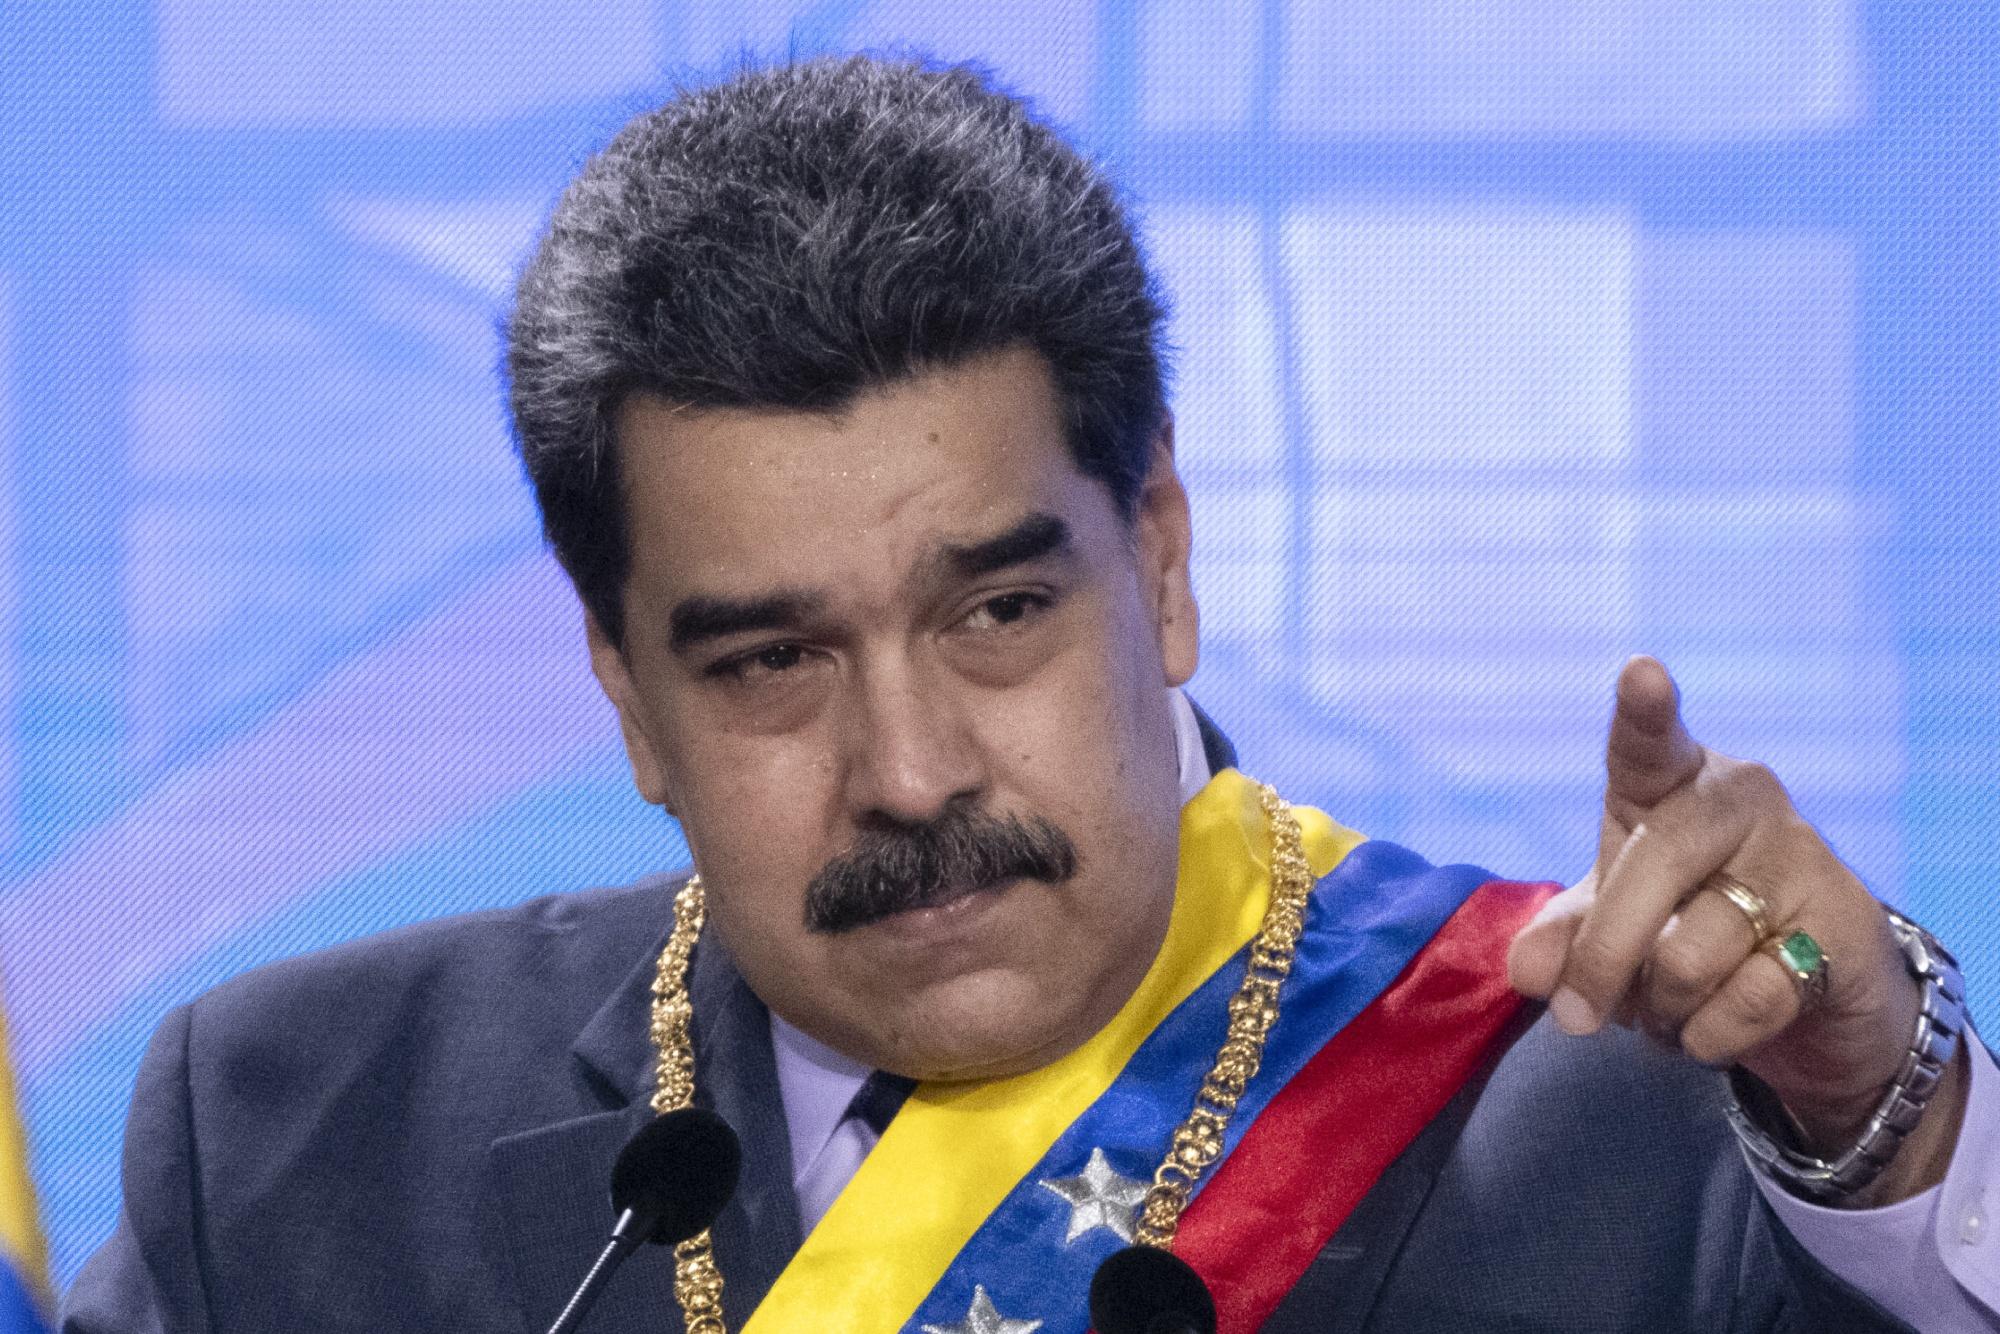 El presidente Maduro se dirige a la Corte Suprema en un acto judicial